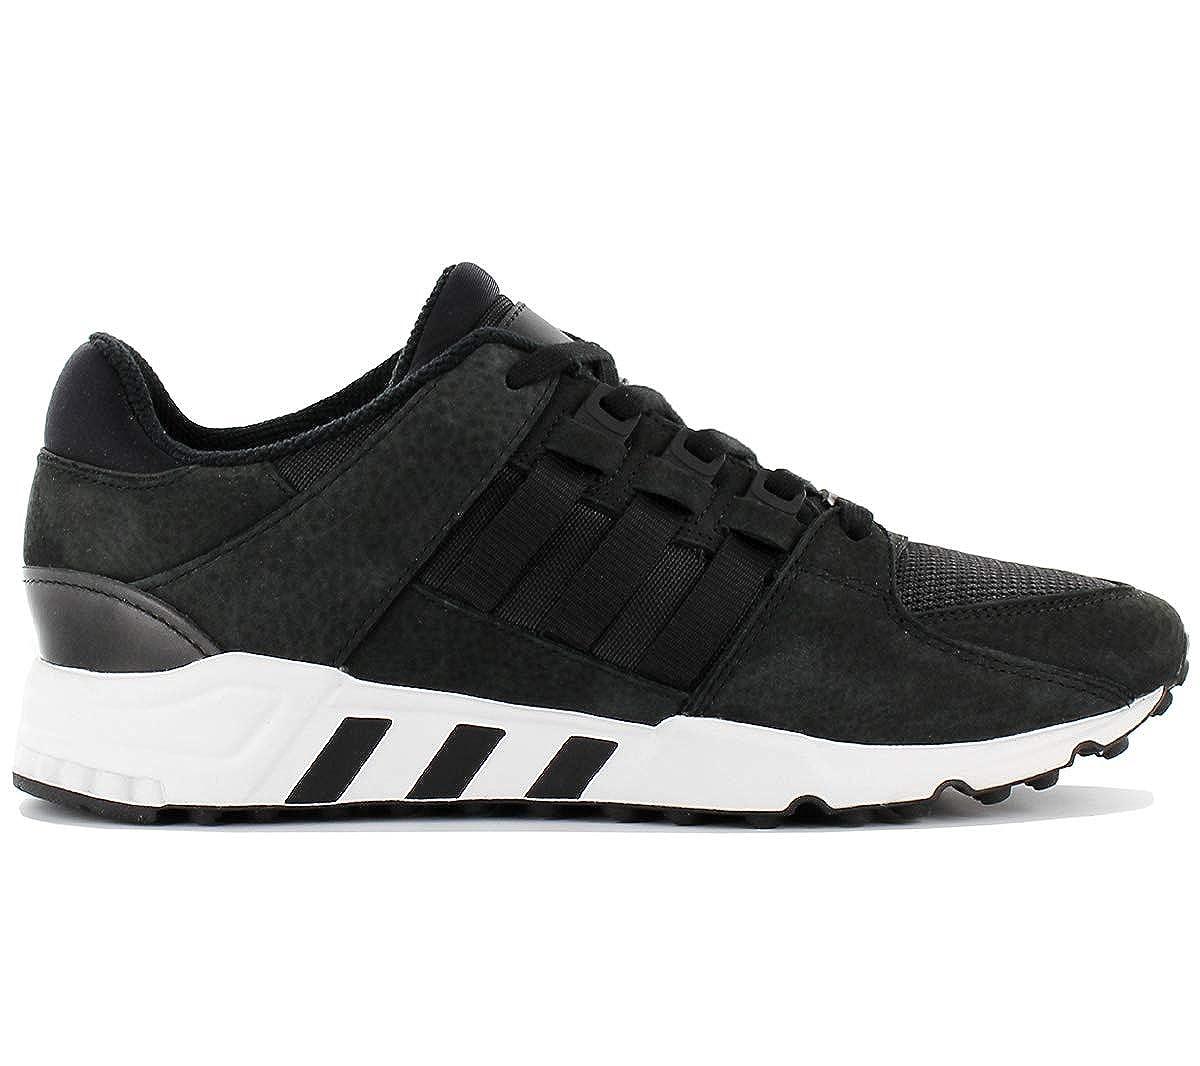 Adidas EQT Support RF schwarz schwarz Weiß